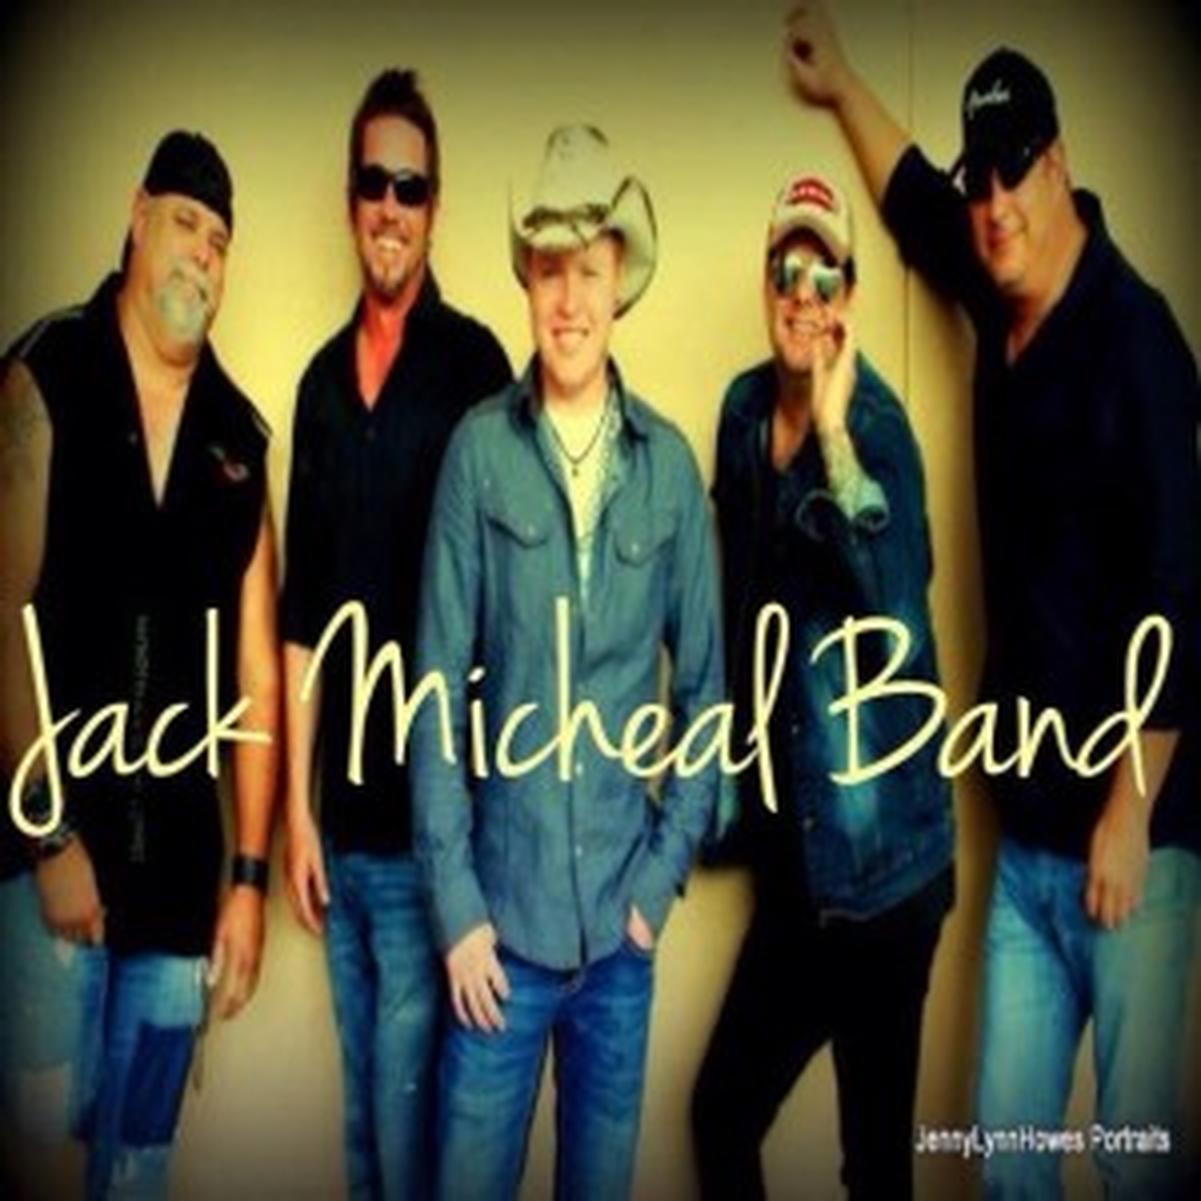 Jack Michael Band wiki, Jack Michael Band review, Jack Michael Band history, Jack Michael Band news